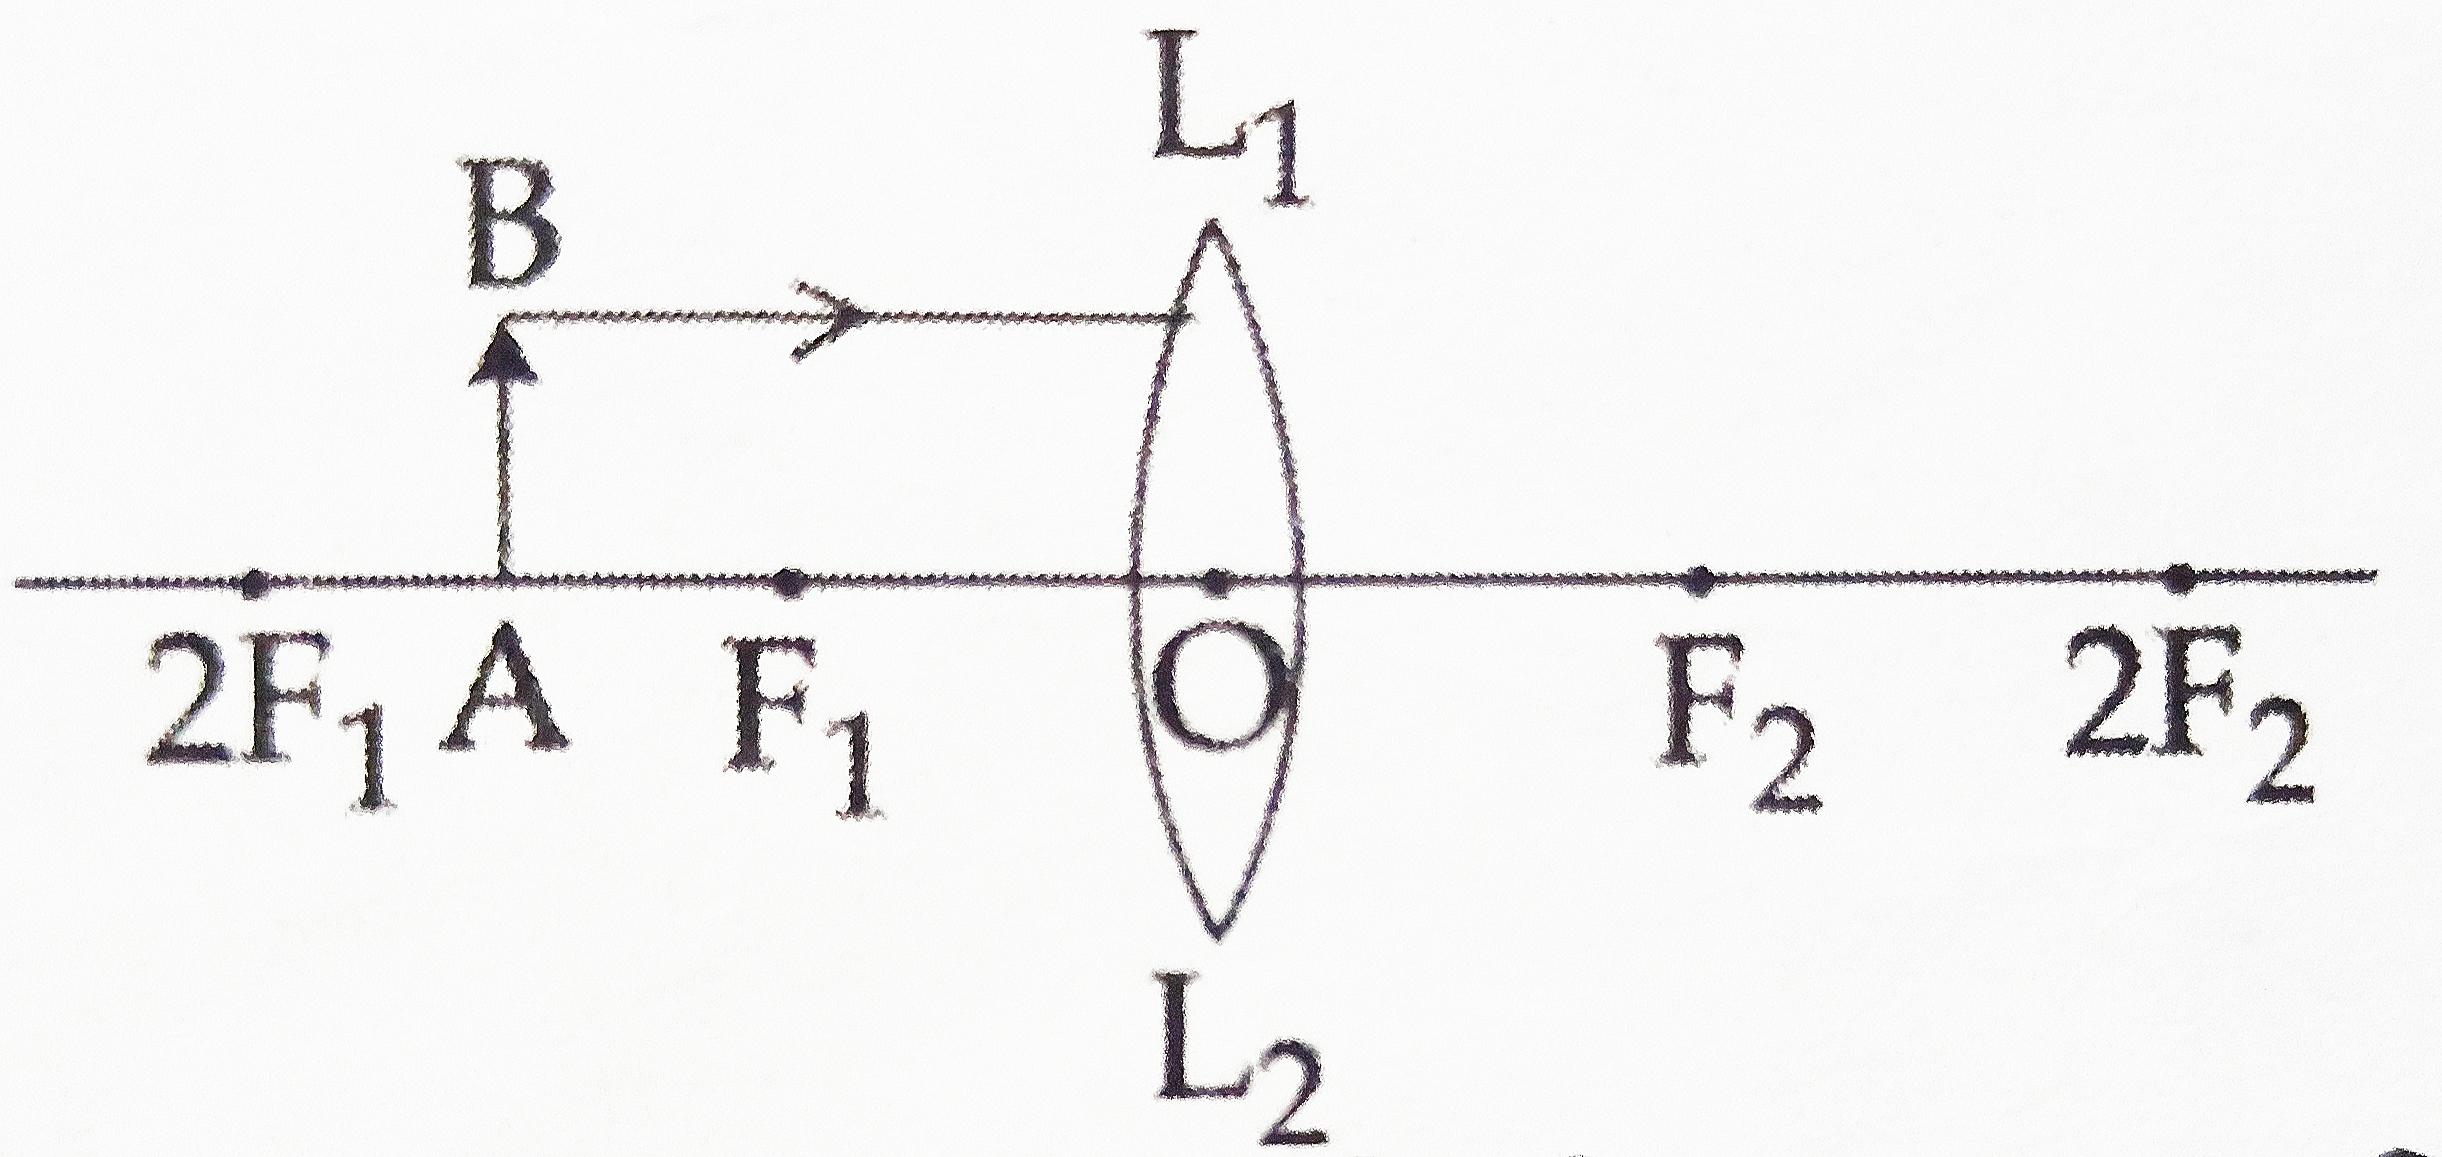 convex lens que